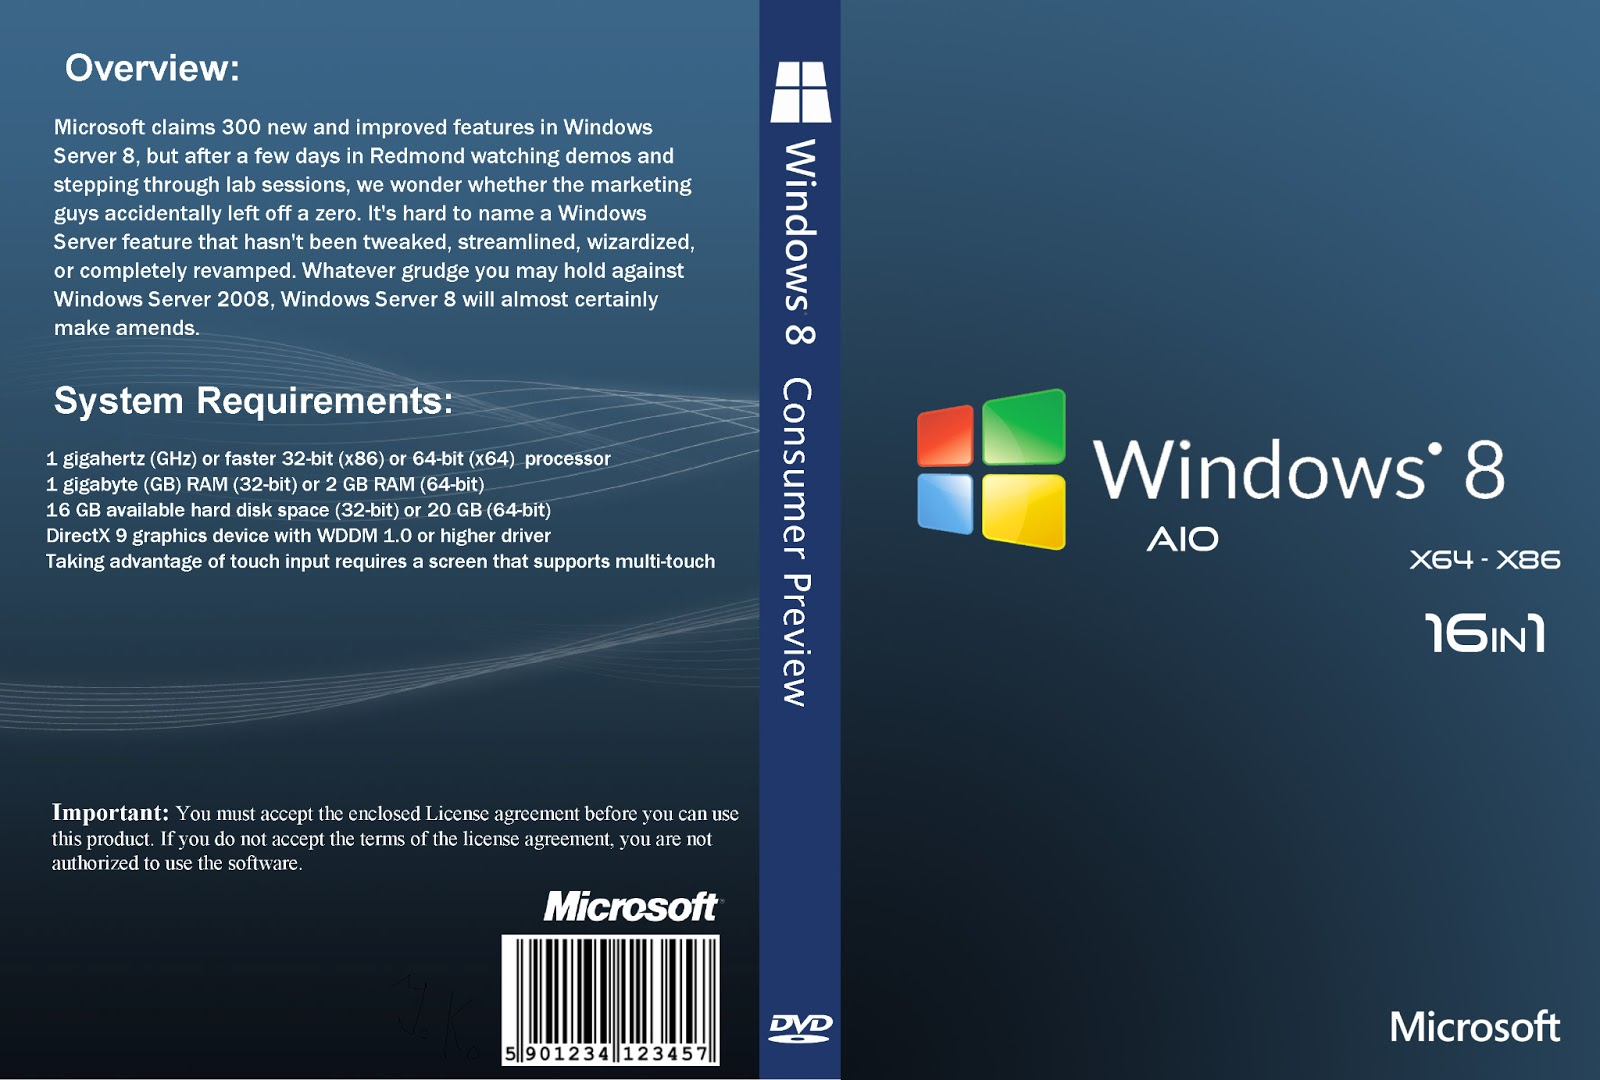 Windows 8 1 pro windows 10 x86x64 bit - Windows 8 Professional Final Retail X86 X64 All In One